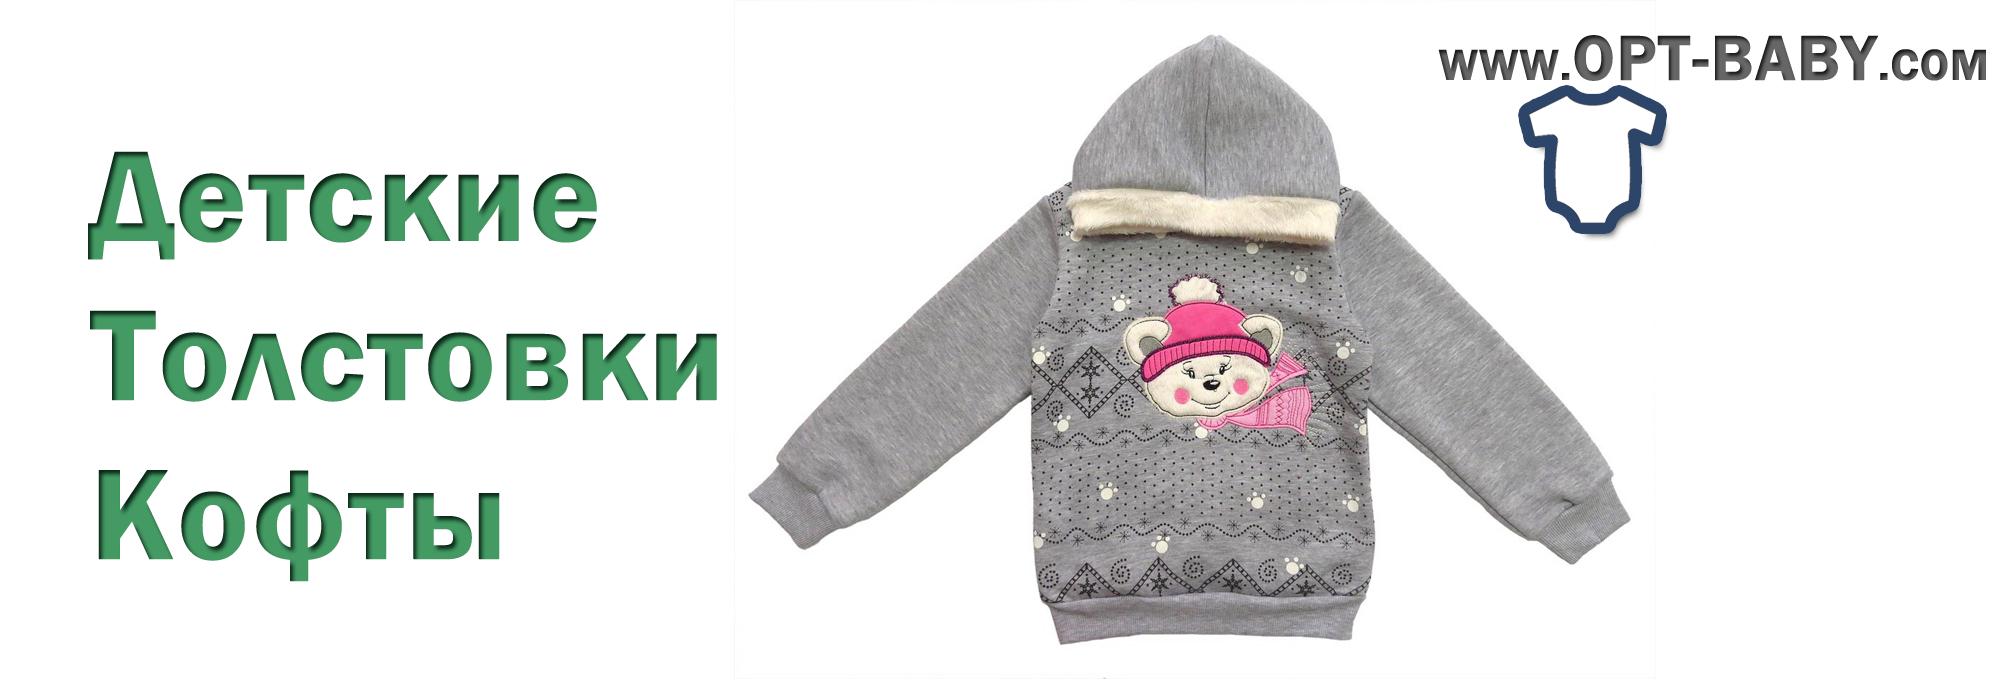 Подростковые Кофты на Девочку 1-16 лет - купить от интернет магазина детской одежды